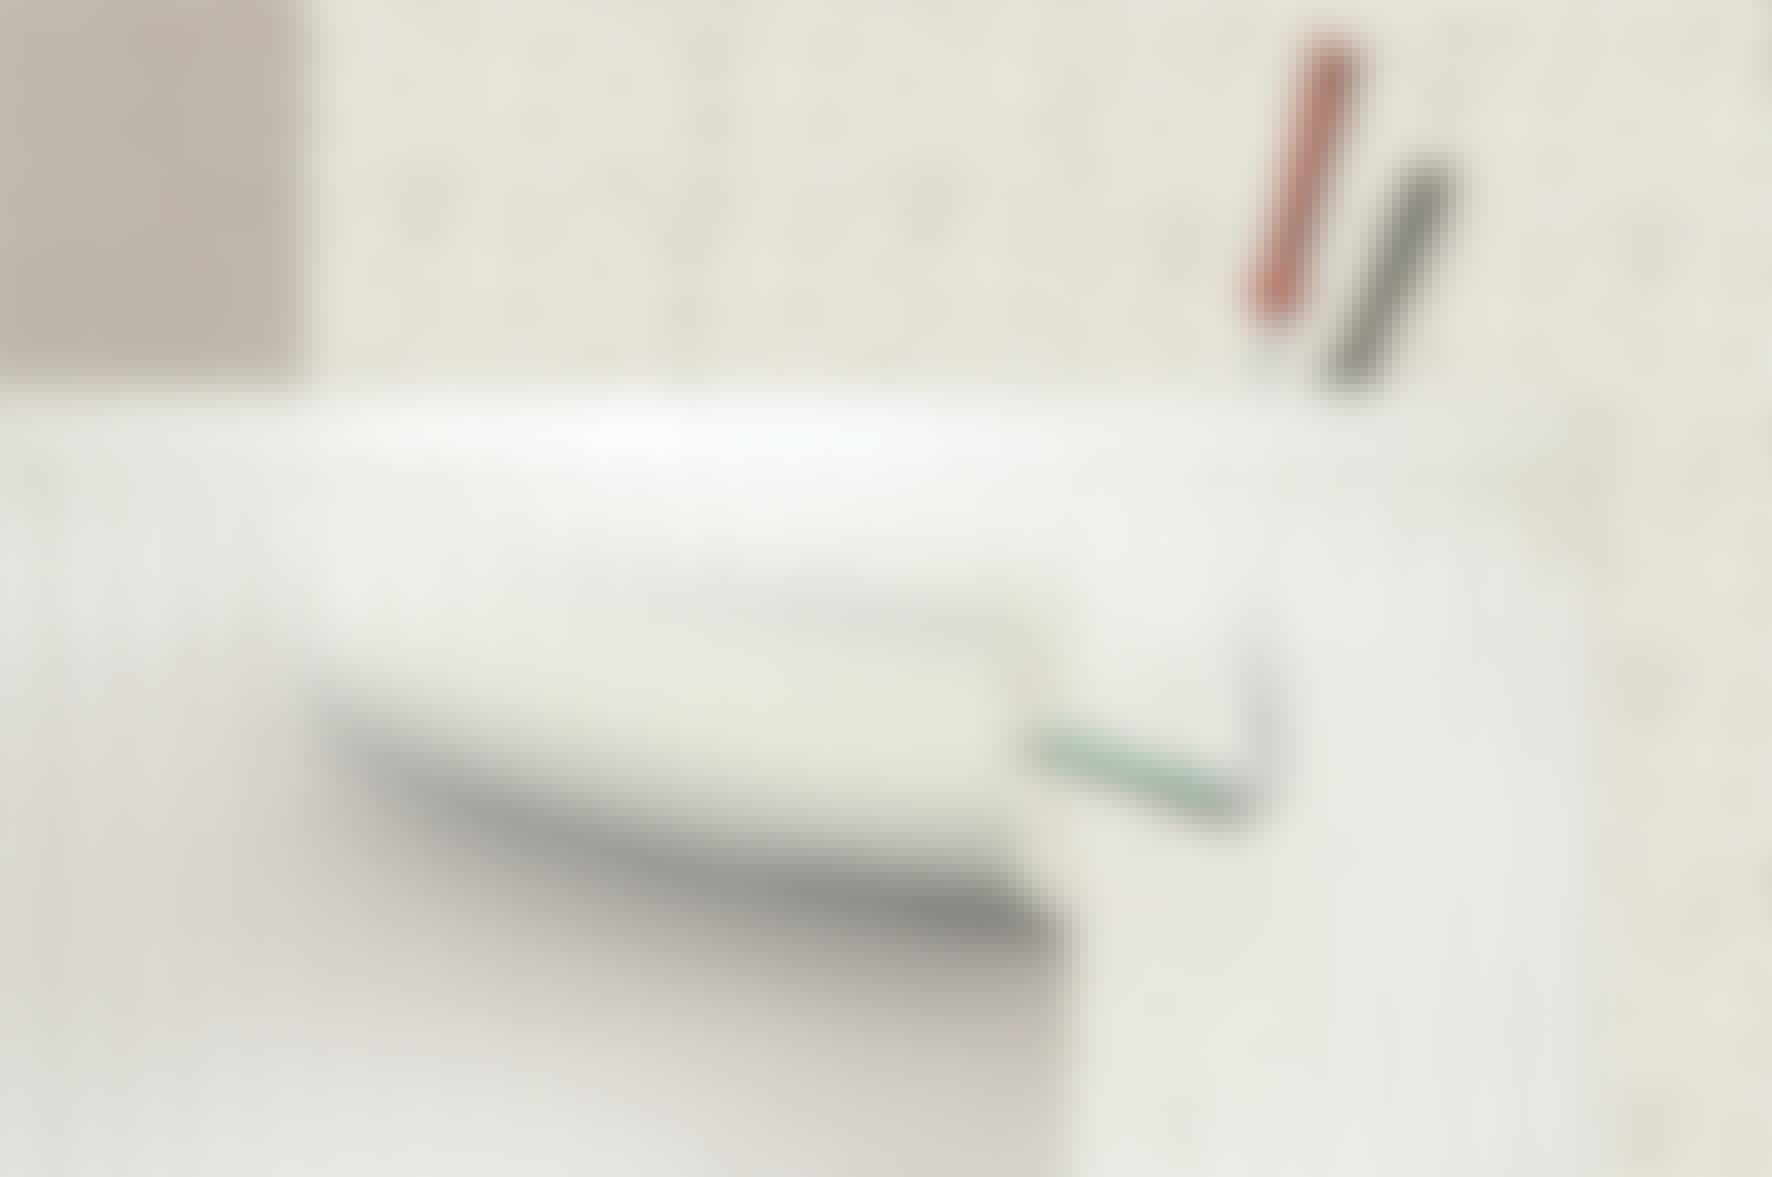 Hur sätter man upp tapet bakom en radiator?